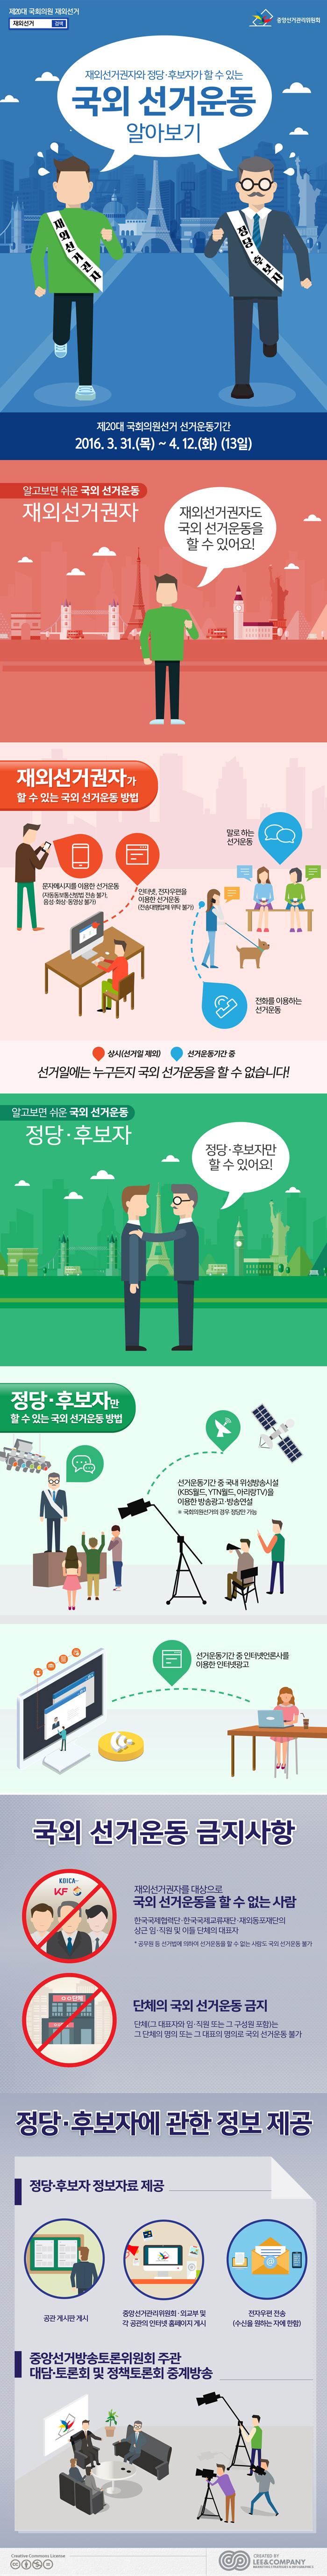 [리앤컴퍼니]_재외선거_07국외선거운동